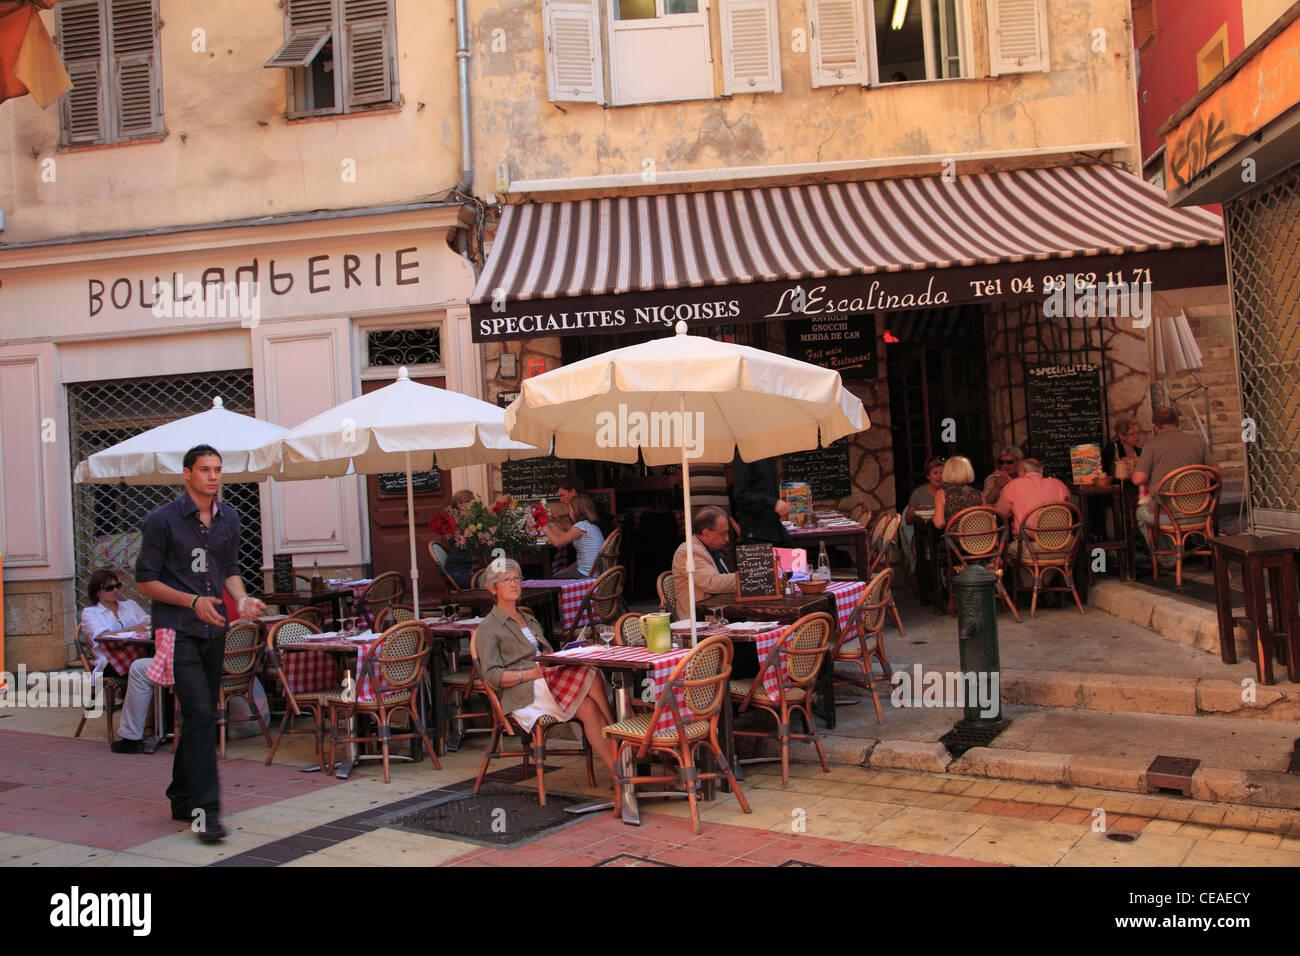 Cafe, Vieille Ville, Vieux Nice, Nice, Côte d'Azur, Alpes Maritimes, Provence, Cote d Azur, France, Europe Photo Stock